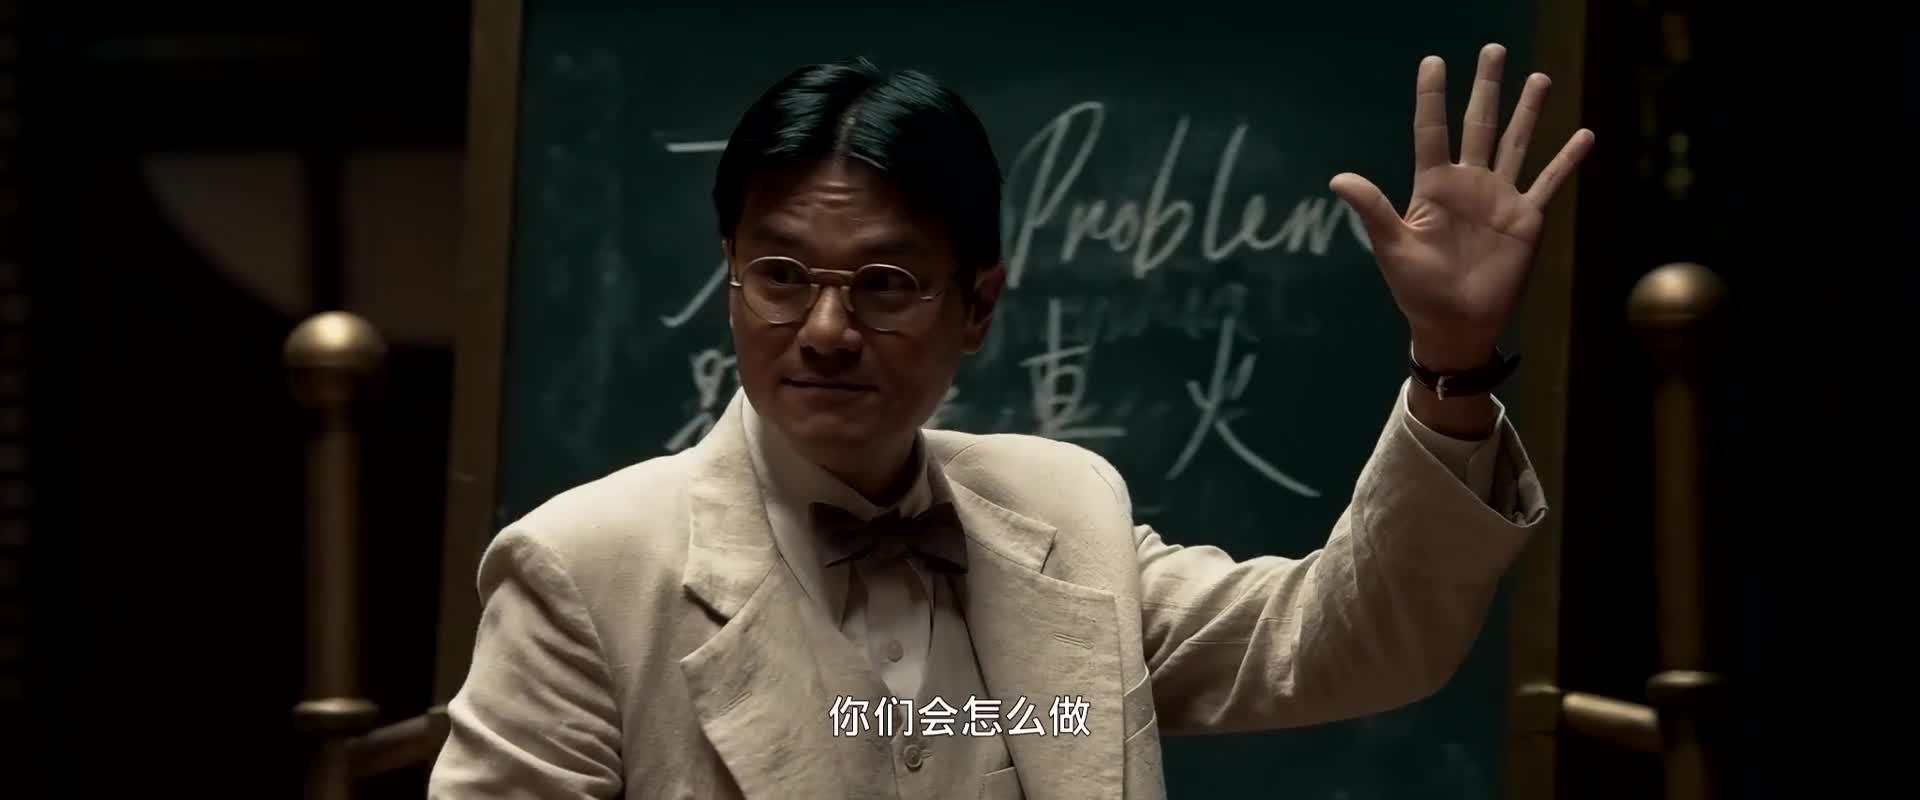 大家坐在一起探讨知识,美女在监狱,很喜欢这个老师的作品